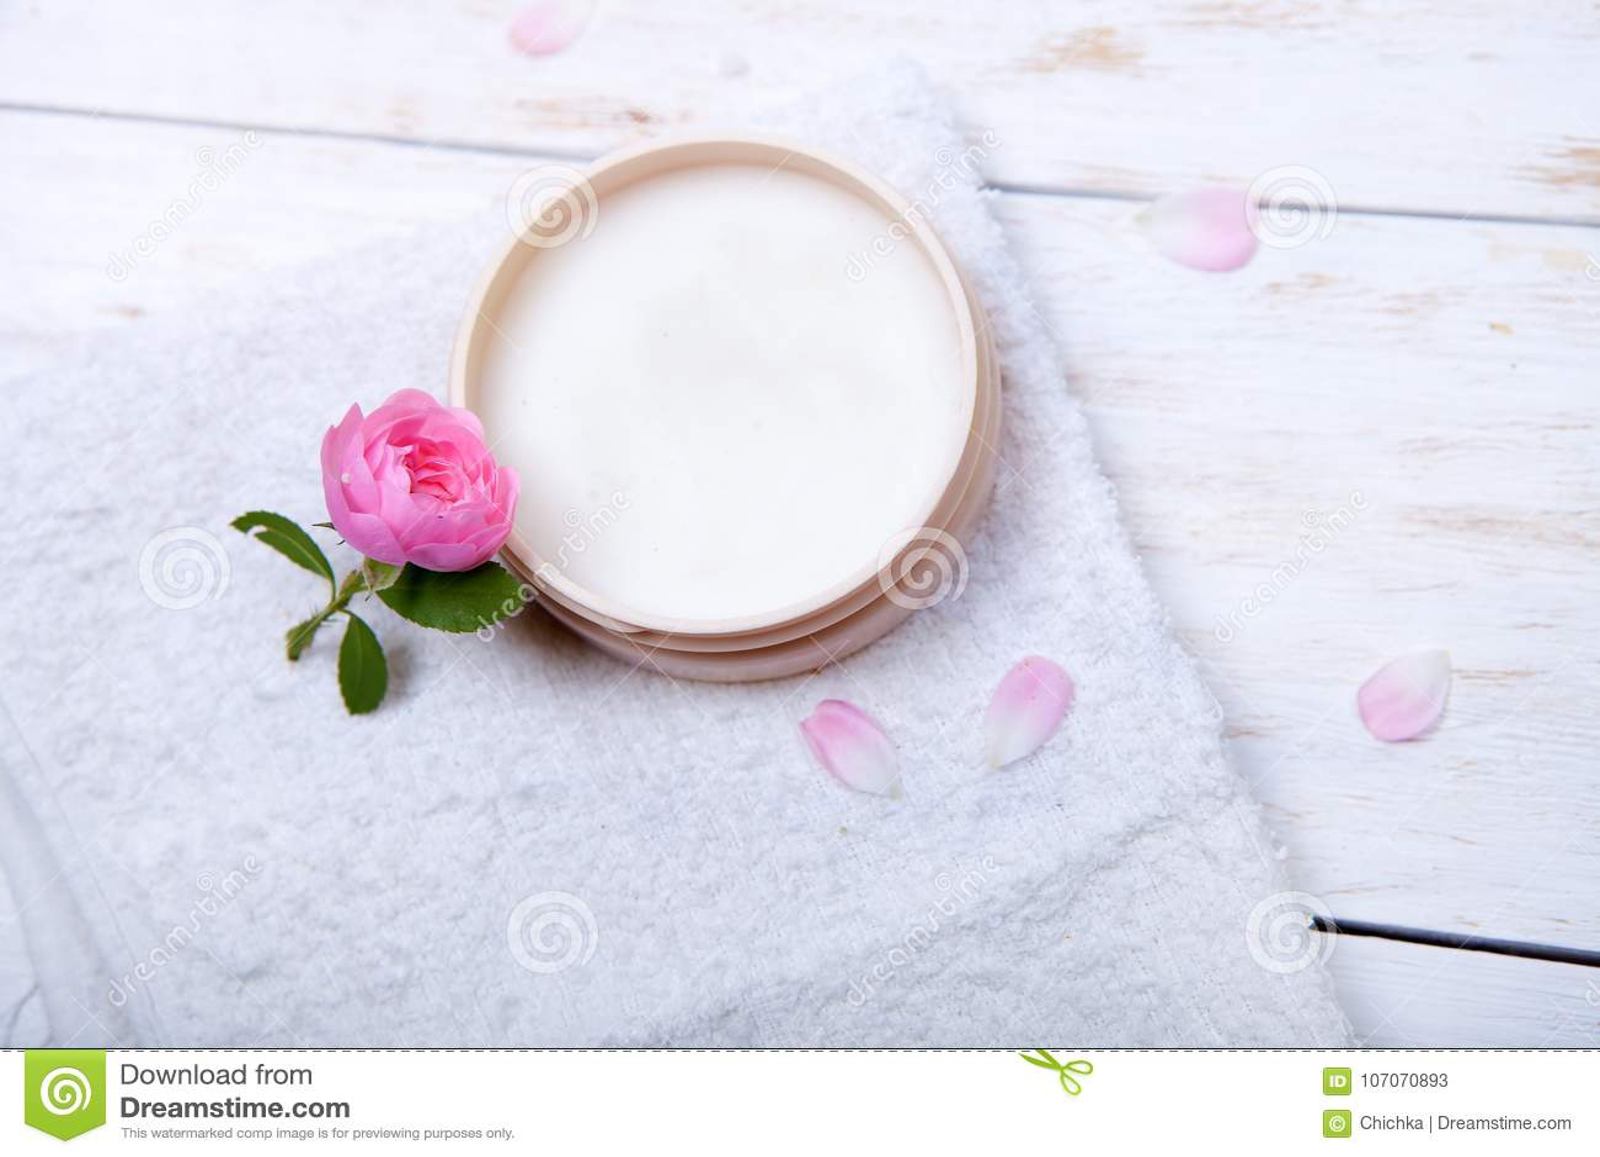 Πρόσωπο-κρέμα και λουλούδι σε ένα άσπρο ξύλινο υπόβαθρο φυσικός οργανικός καλλυντικός του προσώπου